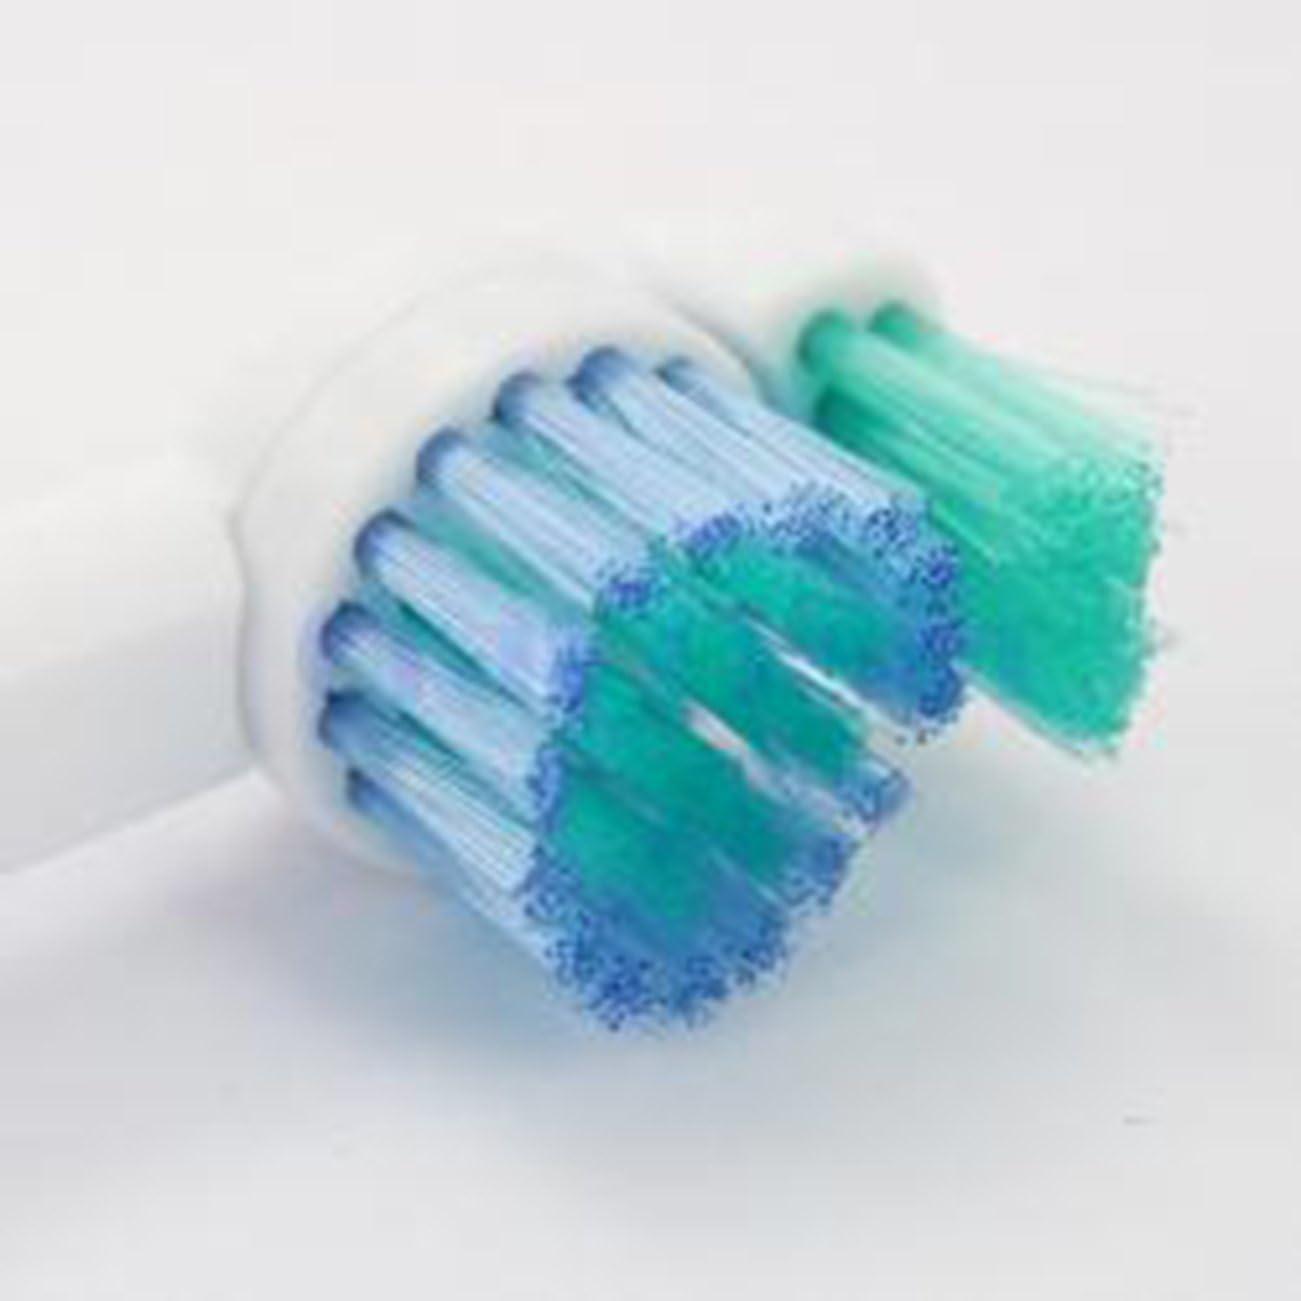 Cabezales de cepillo de dientes de repuesto para Philips Sensiflex ...